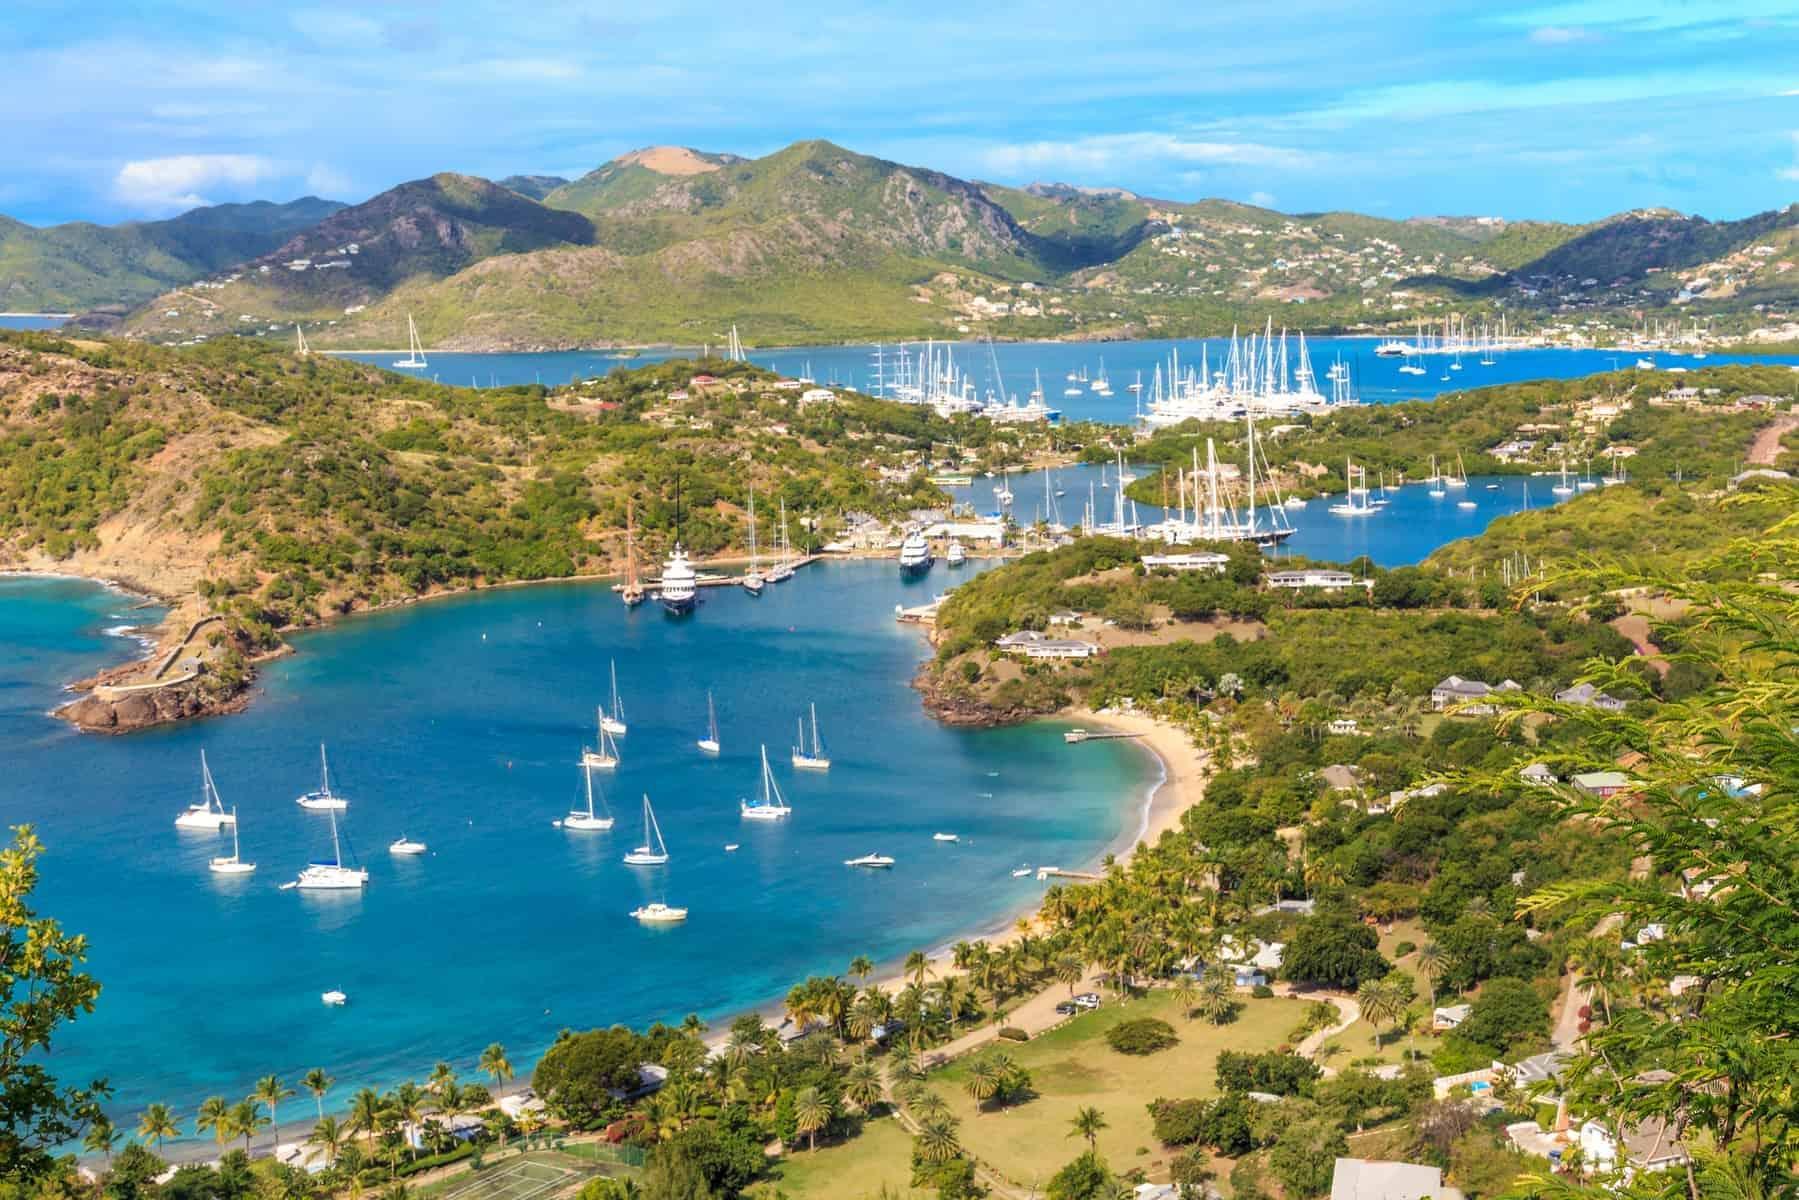 Antigua Bay, Falmouth Bay, den engelske havn, Antigua